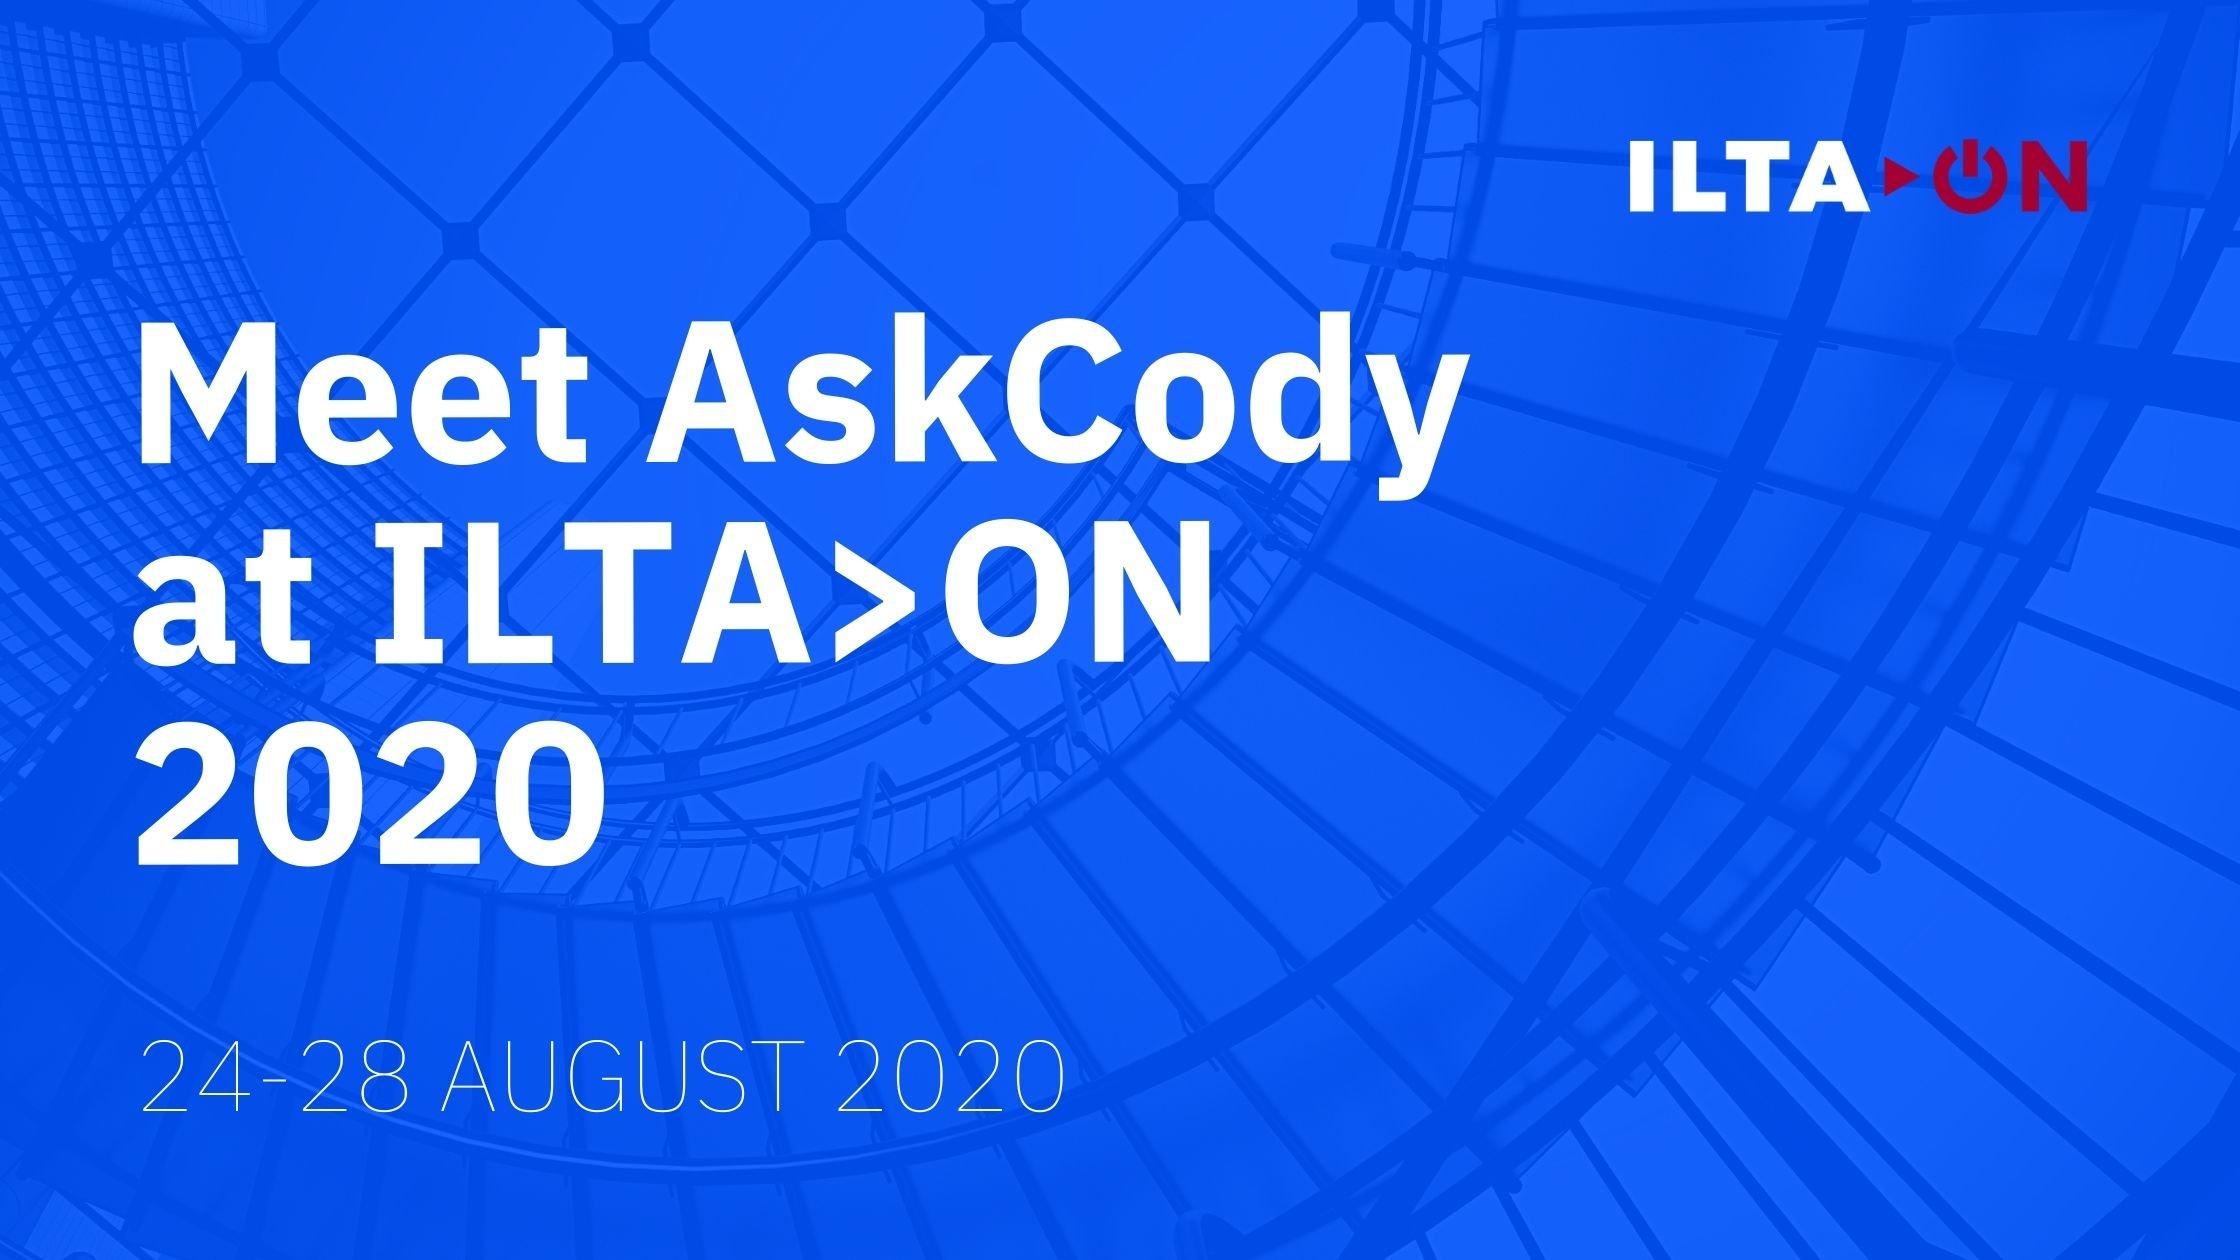 Meet AskCody at ILTA_ON 2020